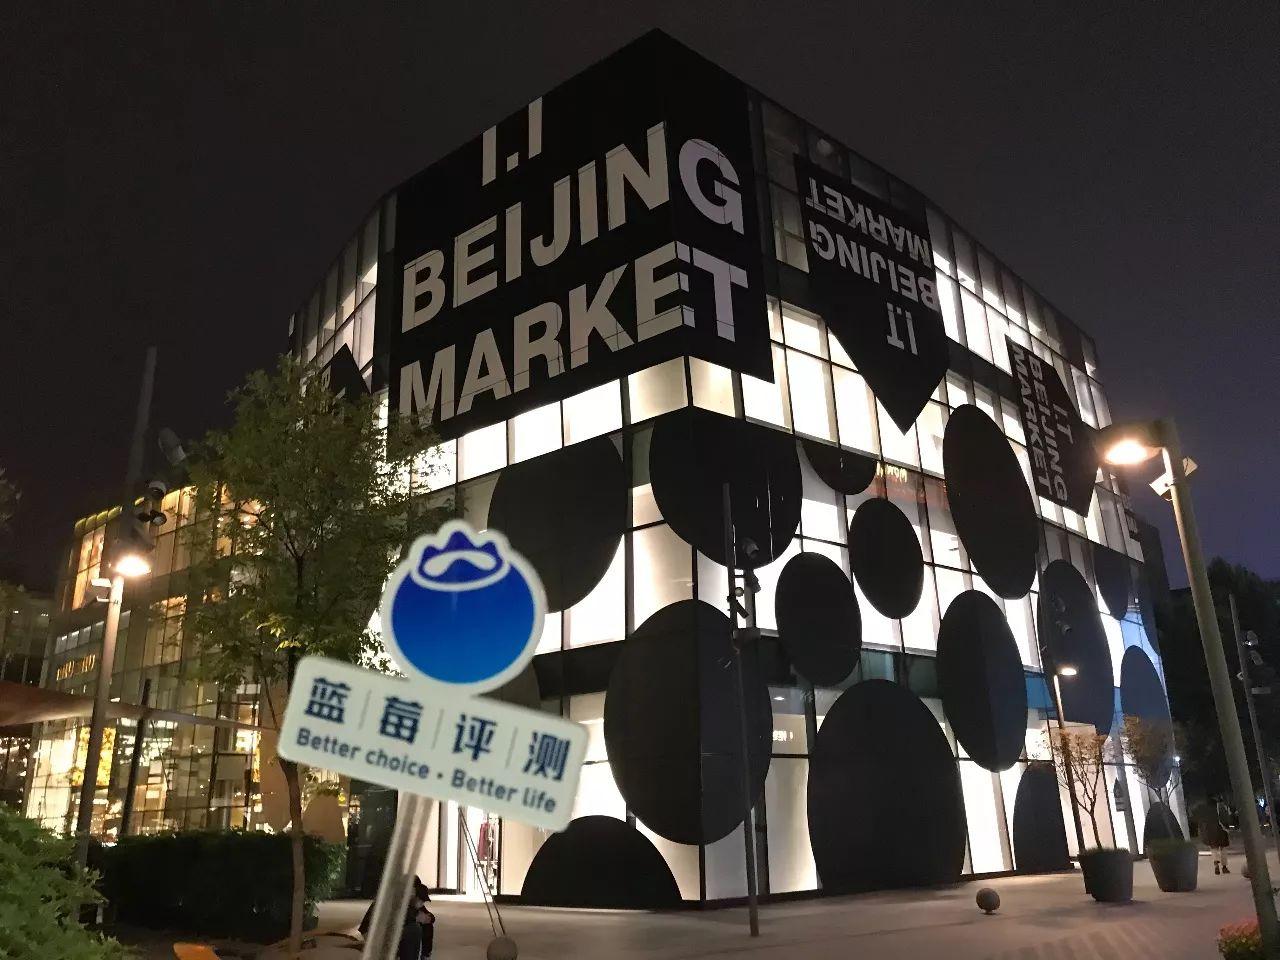 2017-2018年度最佳高端商场会员计划(北京&上海)-蓝莓评测